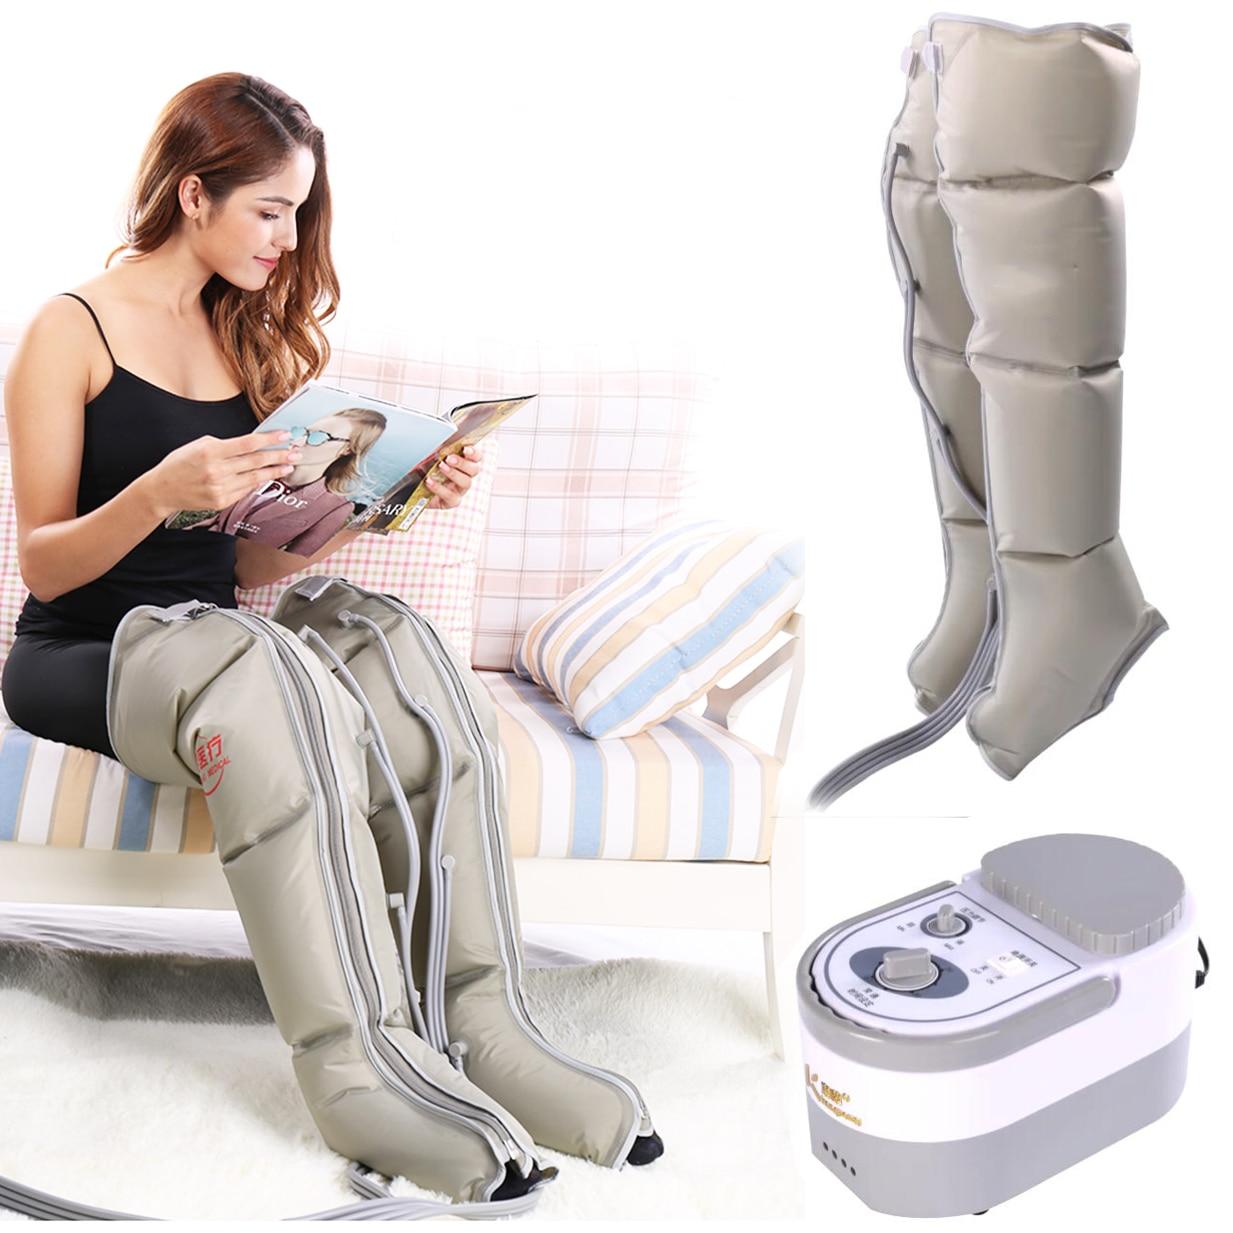 Электрический сжатия воздуха нога массажер для ног обертывания щиколотки ног теленок массаж машины повышает циркуляцию крови облегчить бо...